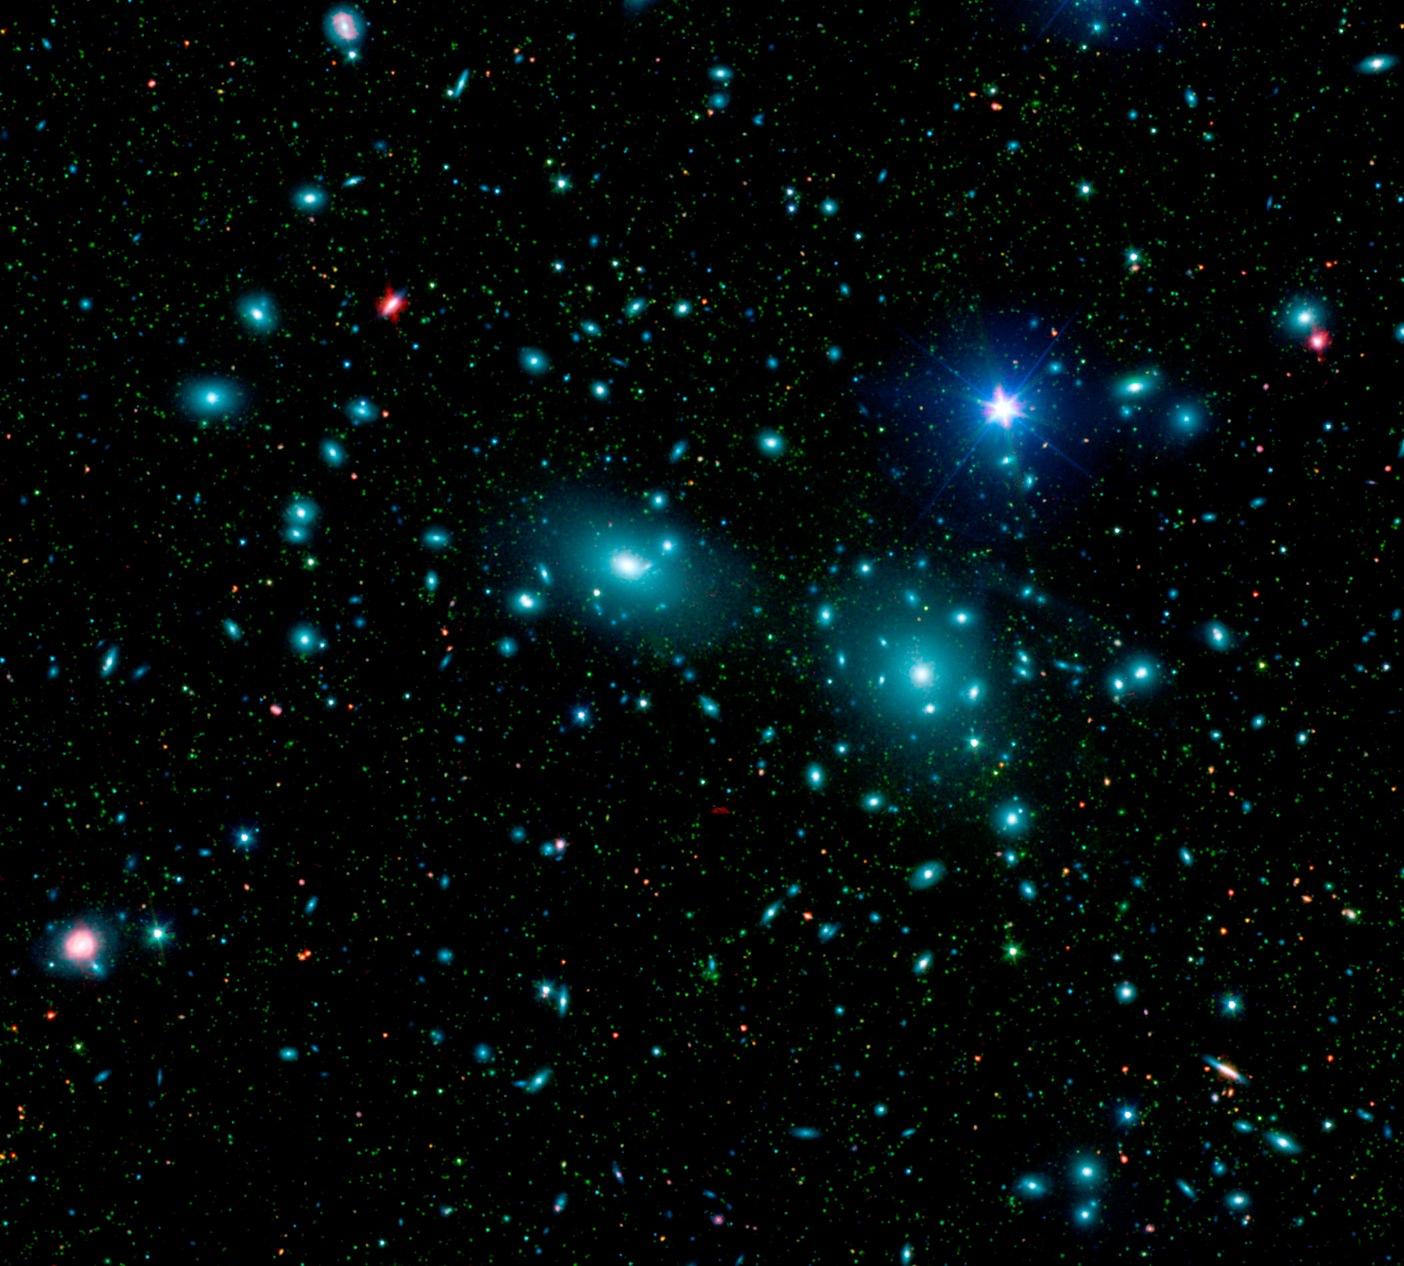 スピッツアー赤外線宇宙望遠鏡が捉えたコマクラスター銀河集団_d0063814_1625336.jpg